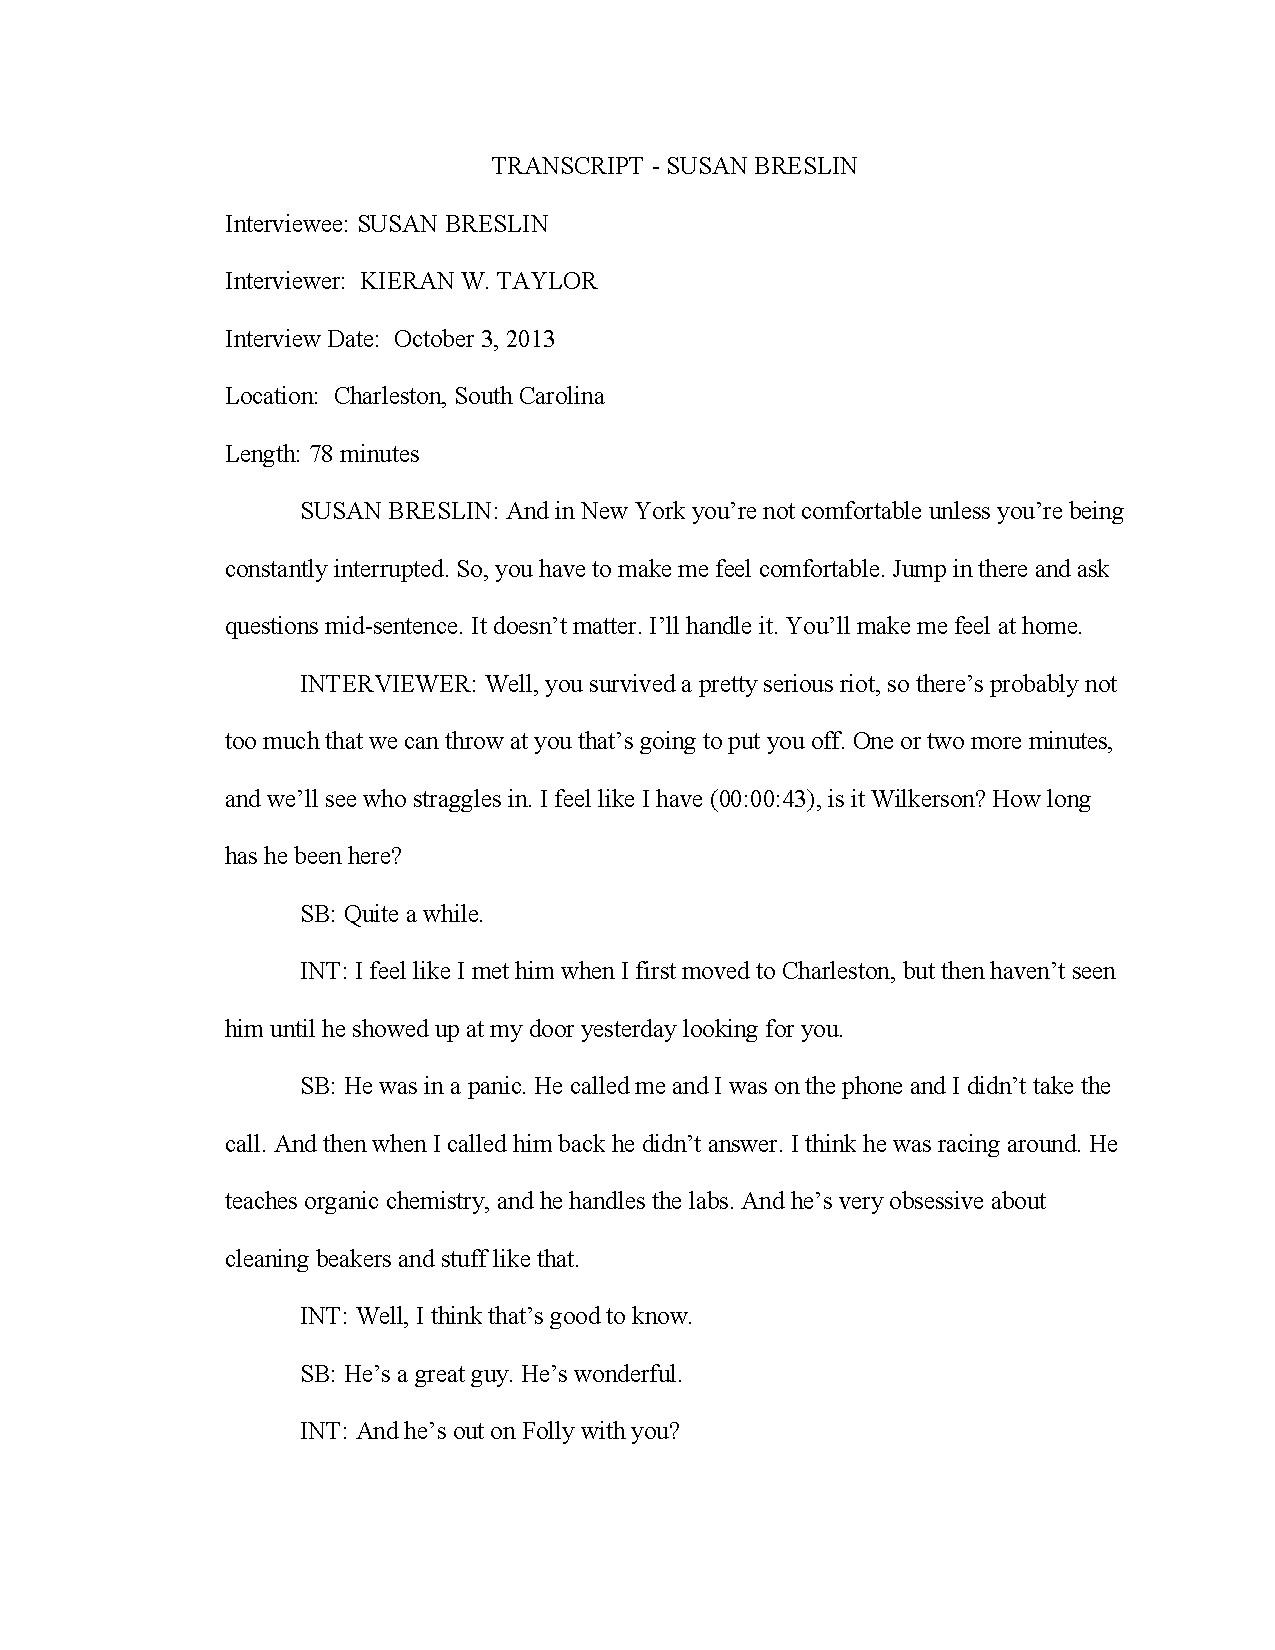 Susan Breslin, Interview by Kieran Taylor, 3 October, 2013